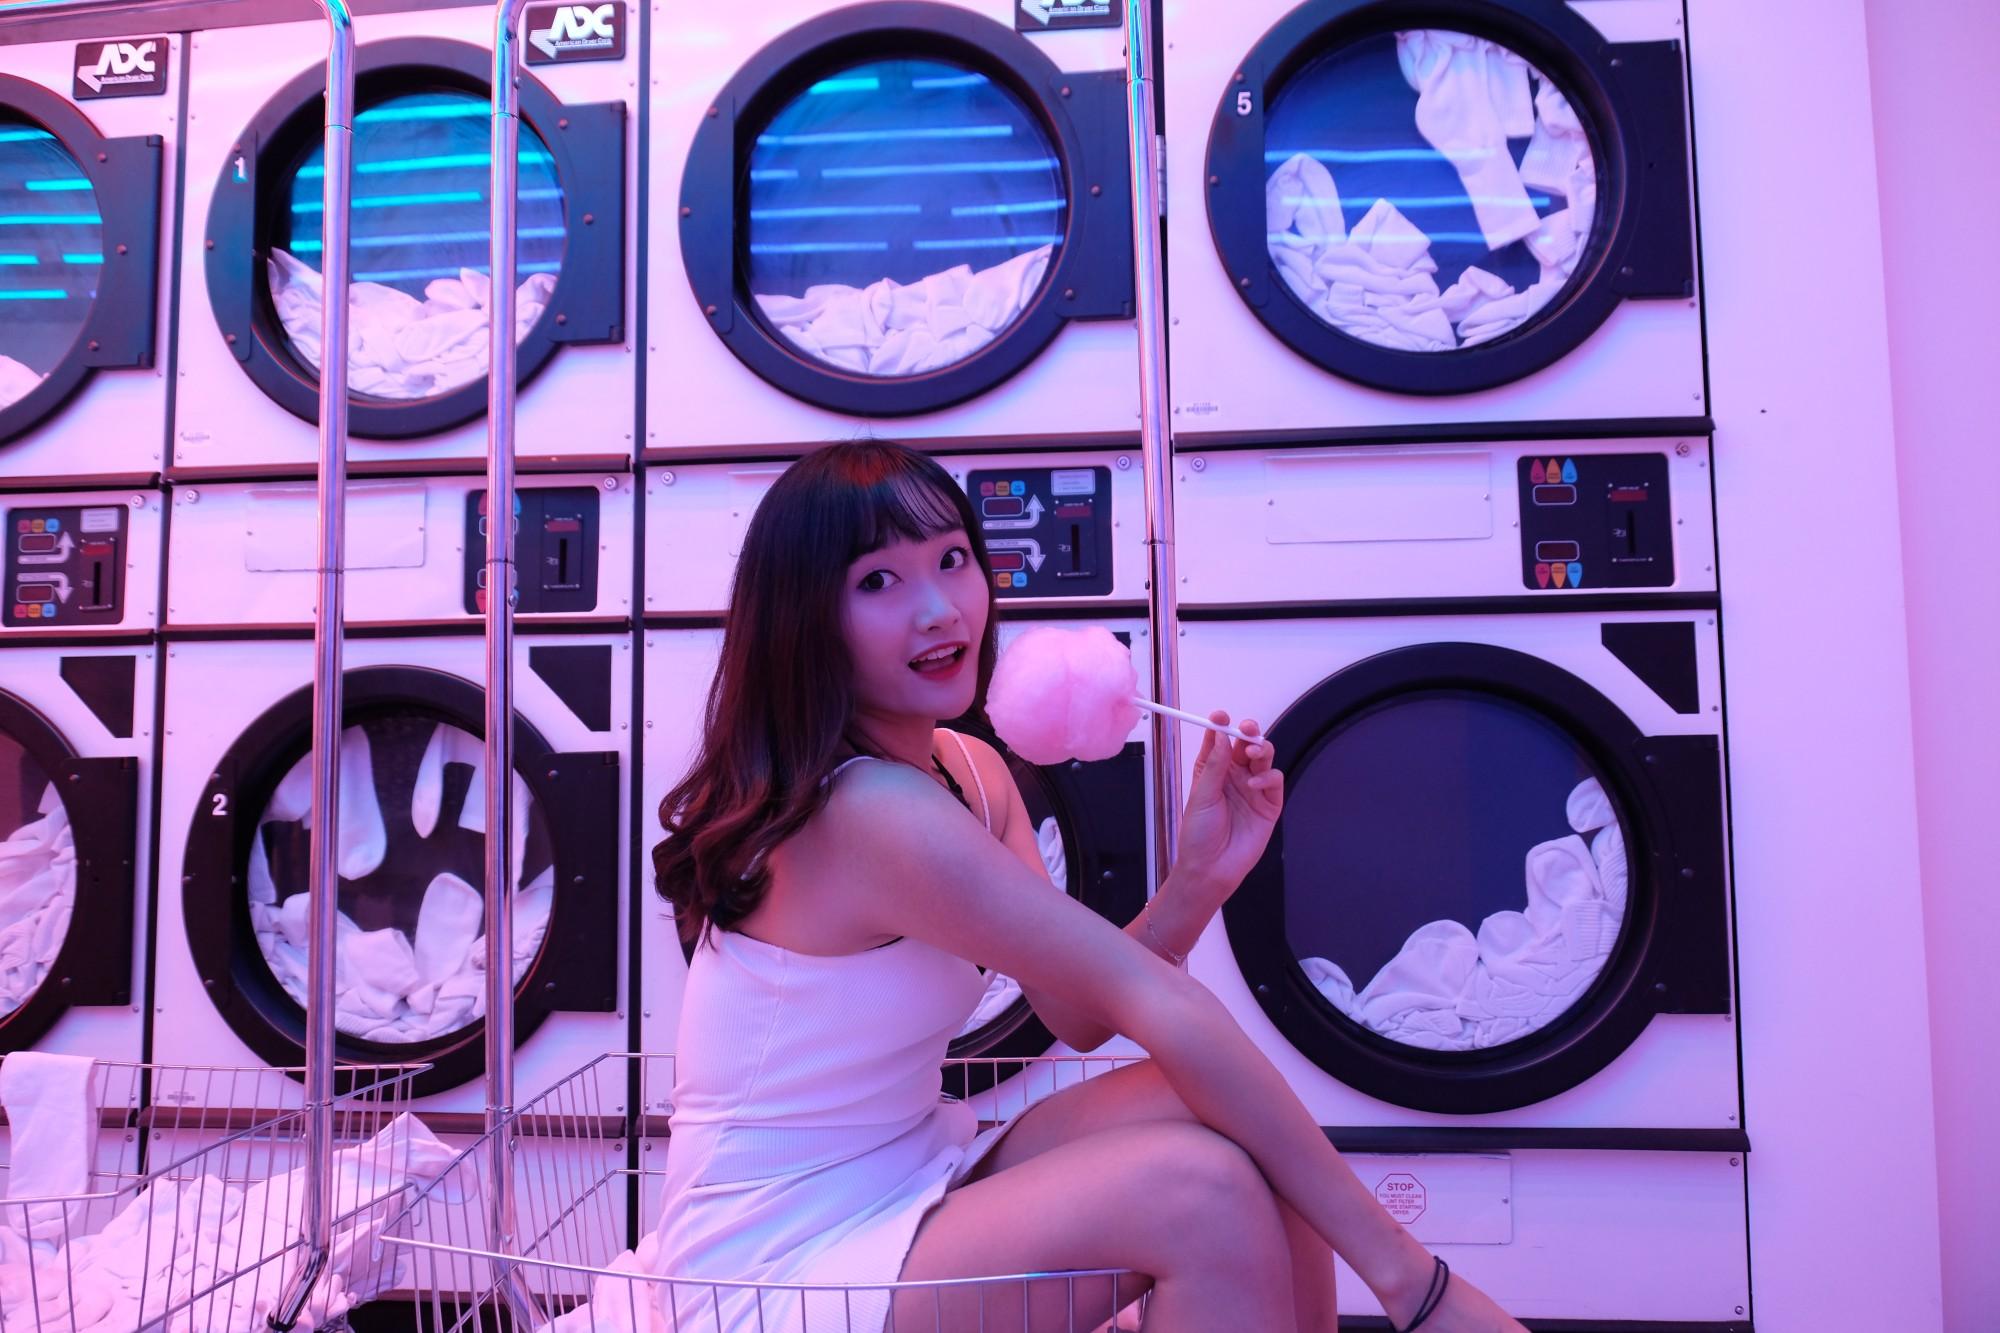 chinese girl at Dream Machine